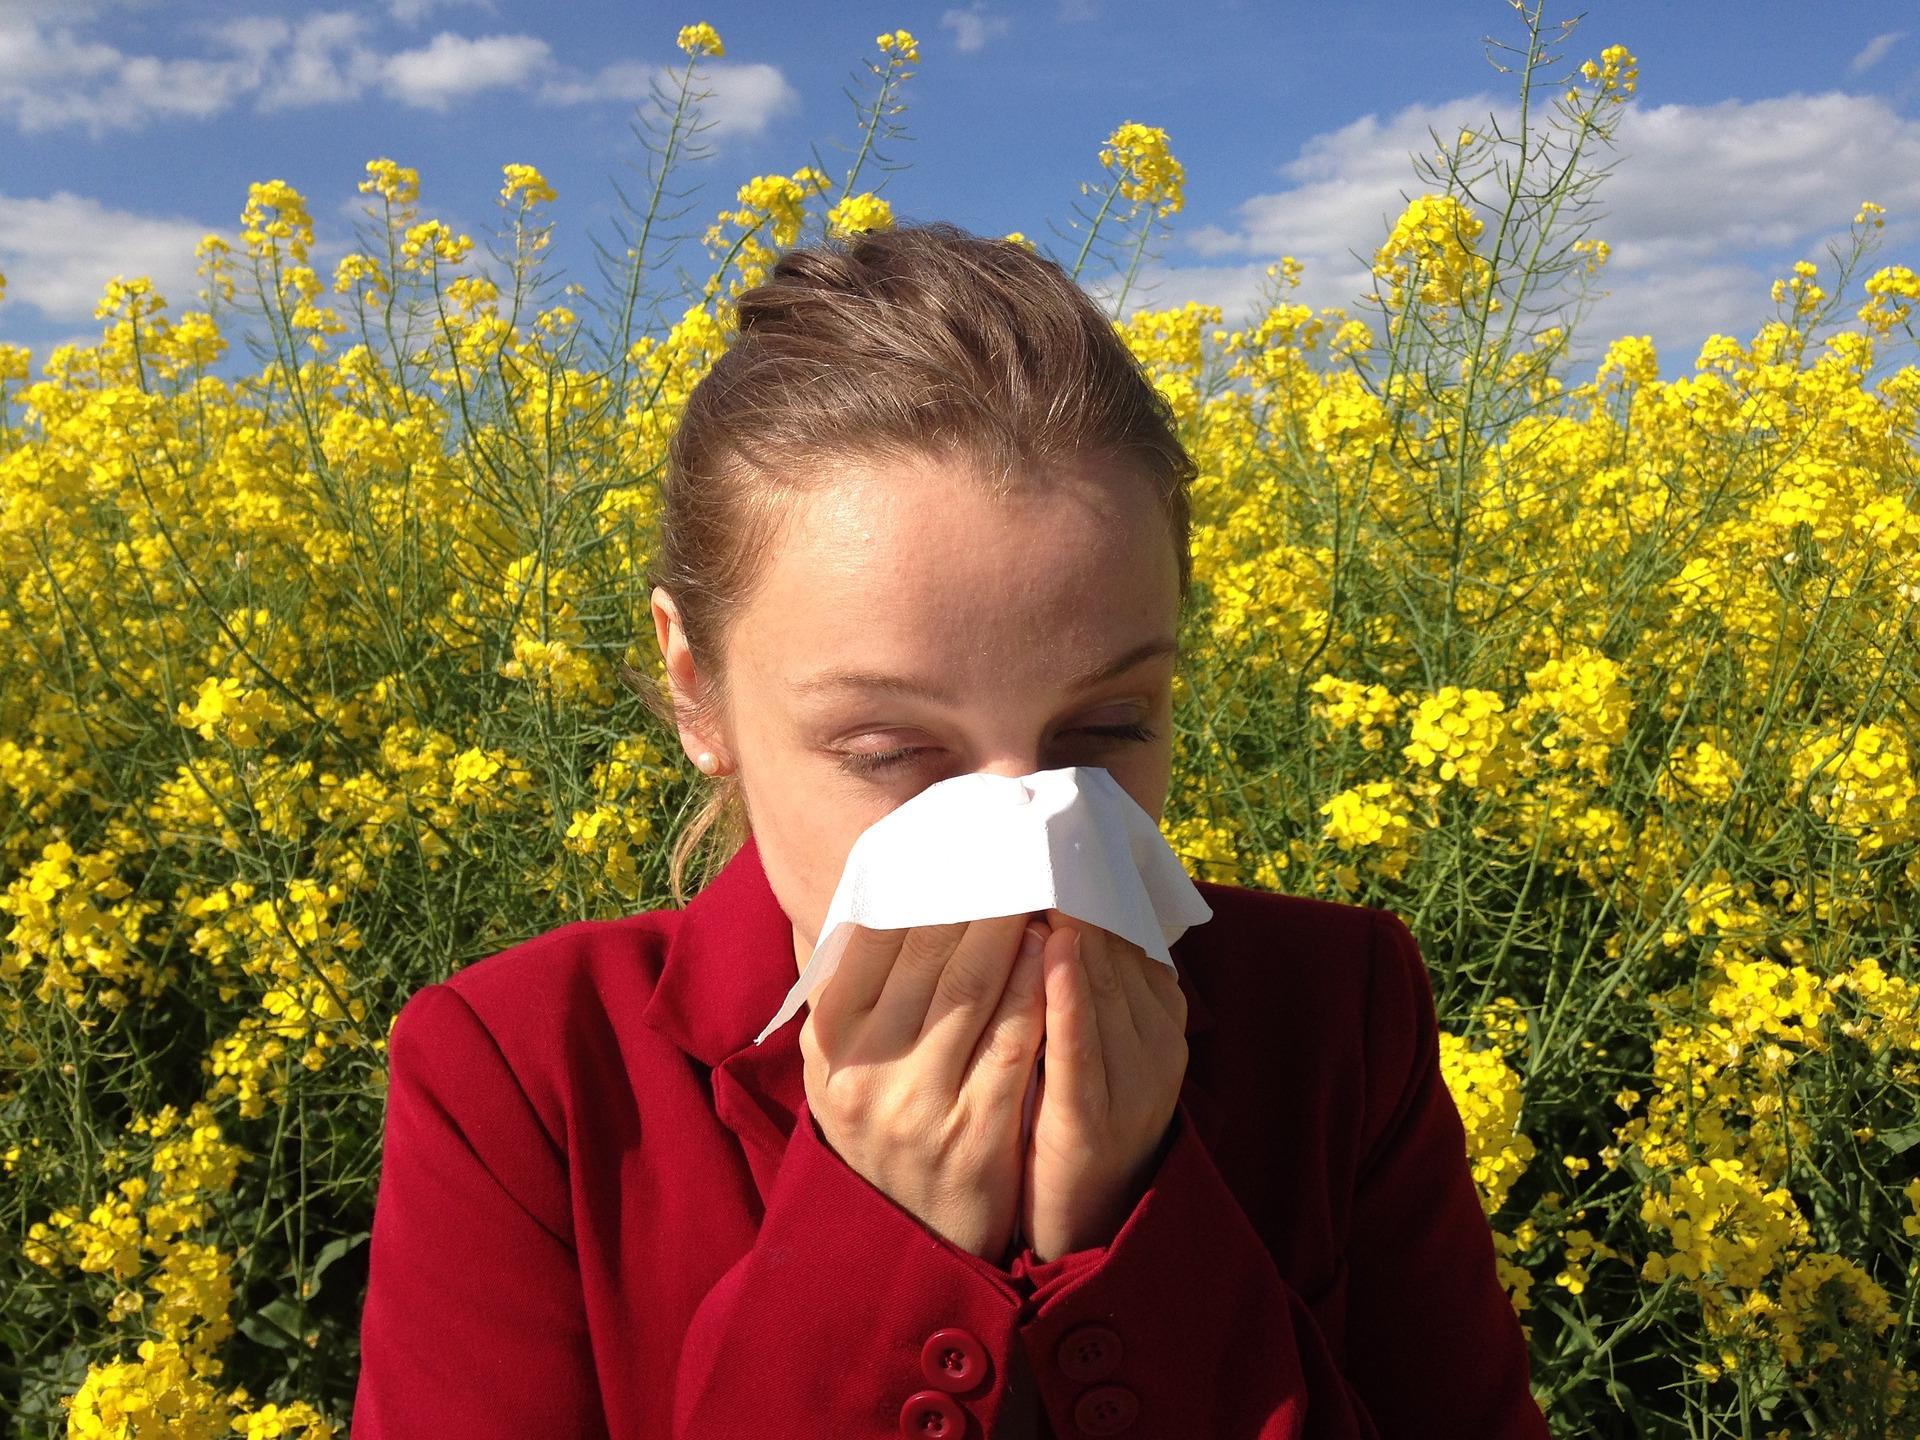 花粉でお困りの方にお勧めの衣服